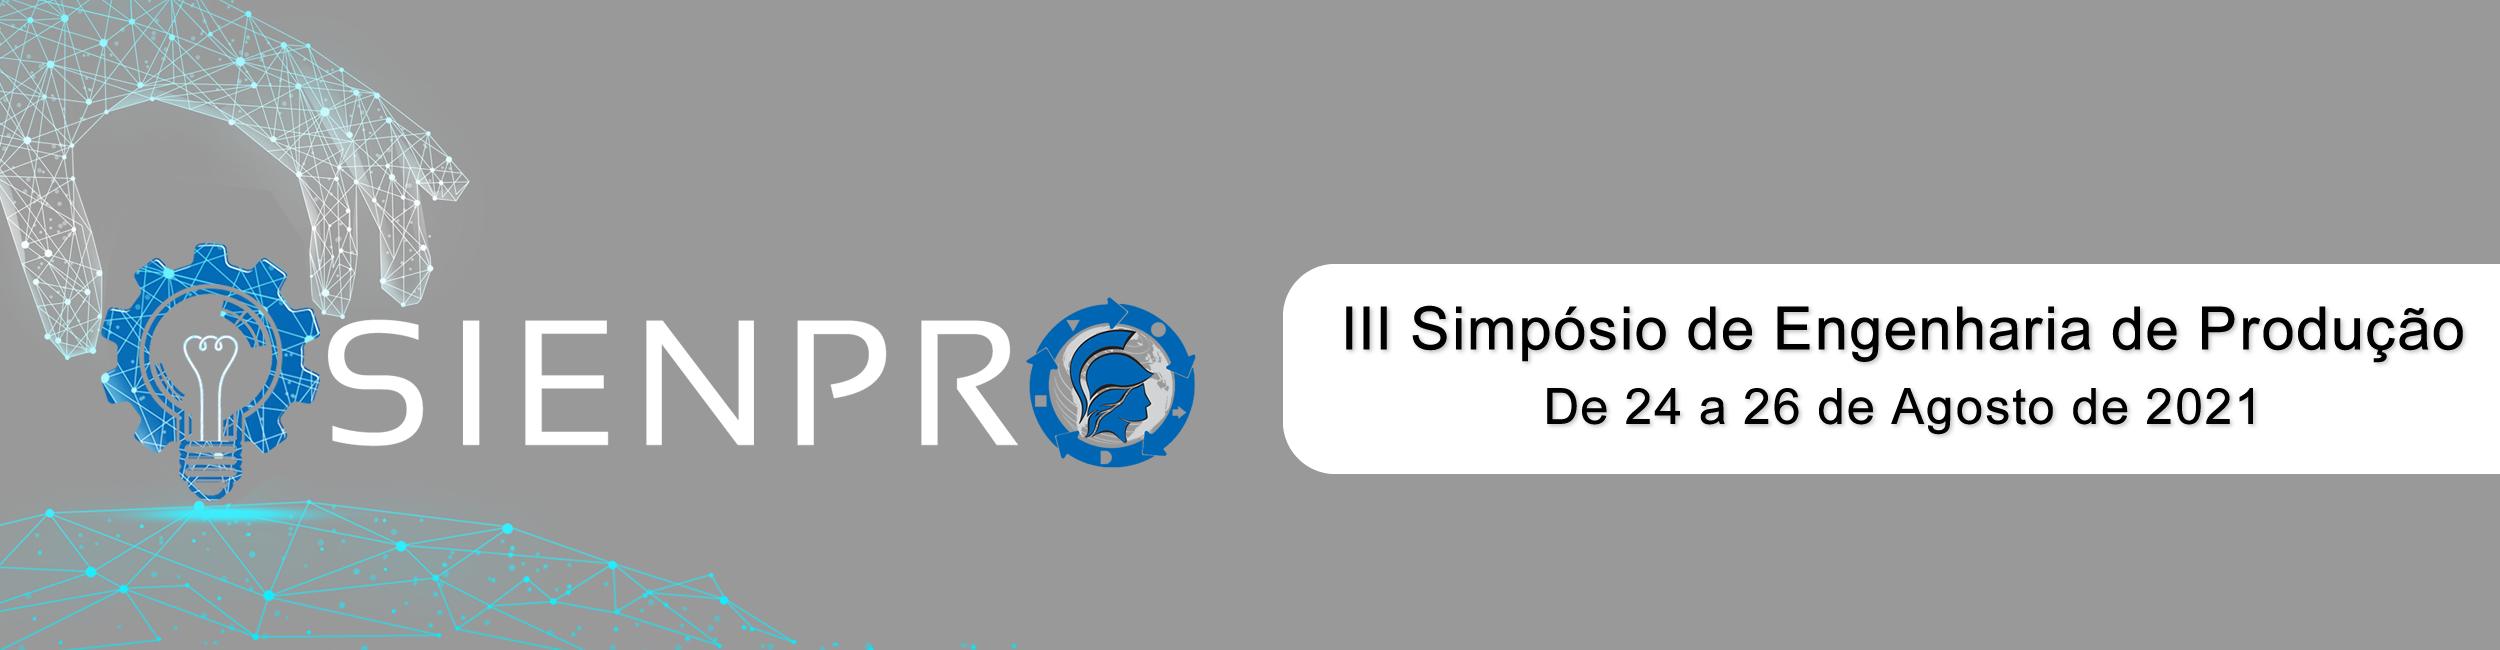 banner2toposienpro